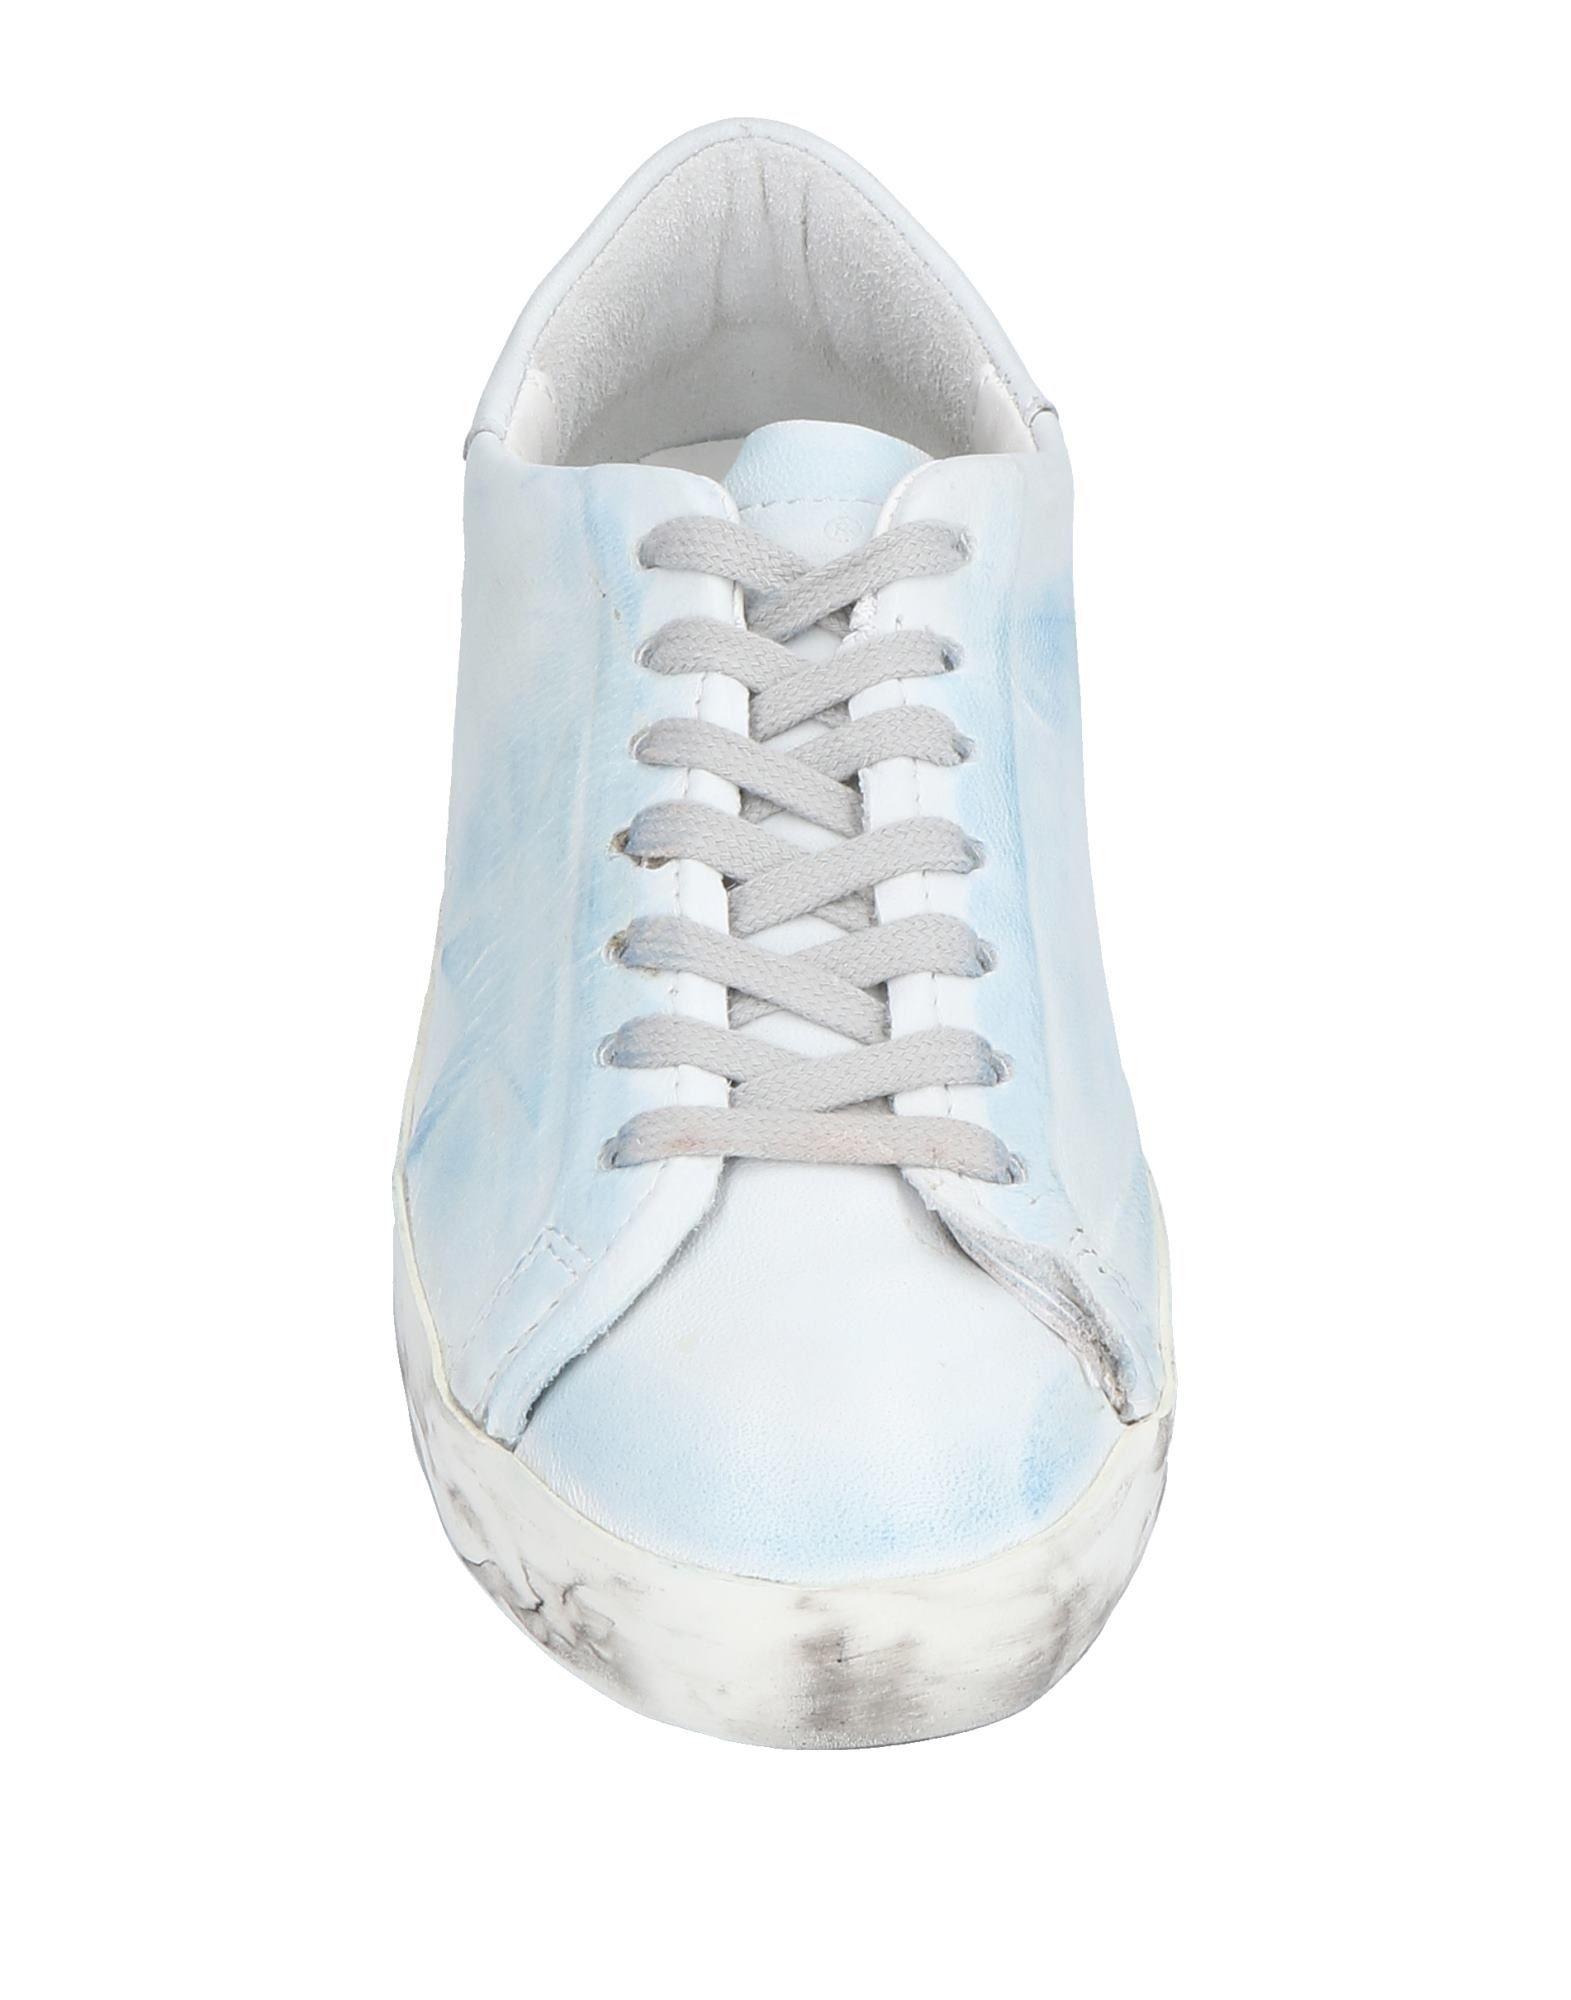 Golden Goose Deluxe Brand Sneakers Sneakers Sneakers Herren  11506667LN Heiße Schuhe 4d3cd9